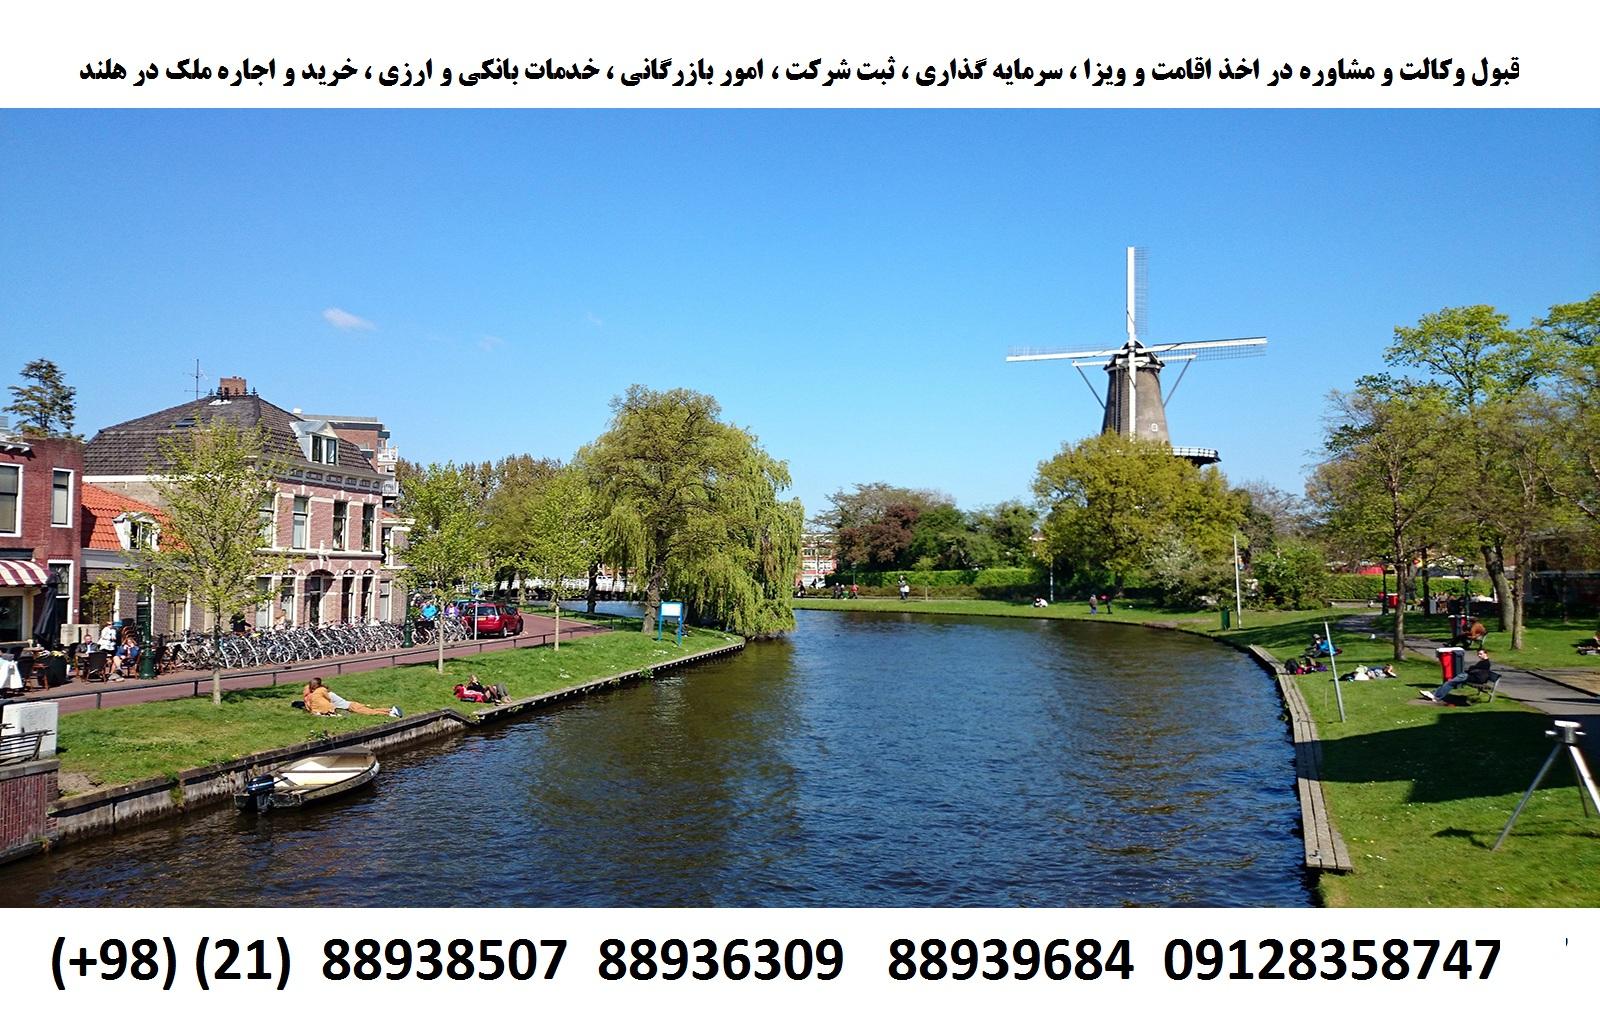 اقامت ، ویزا ، ثبت شرکت ، سرمایه گذاری در هلند (5)